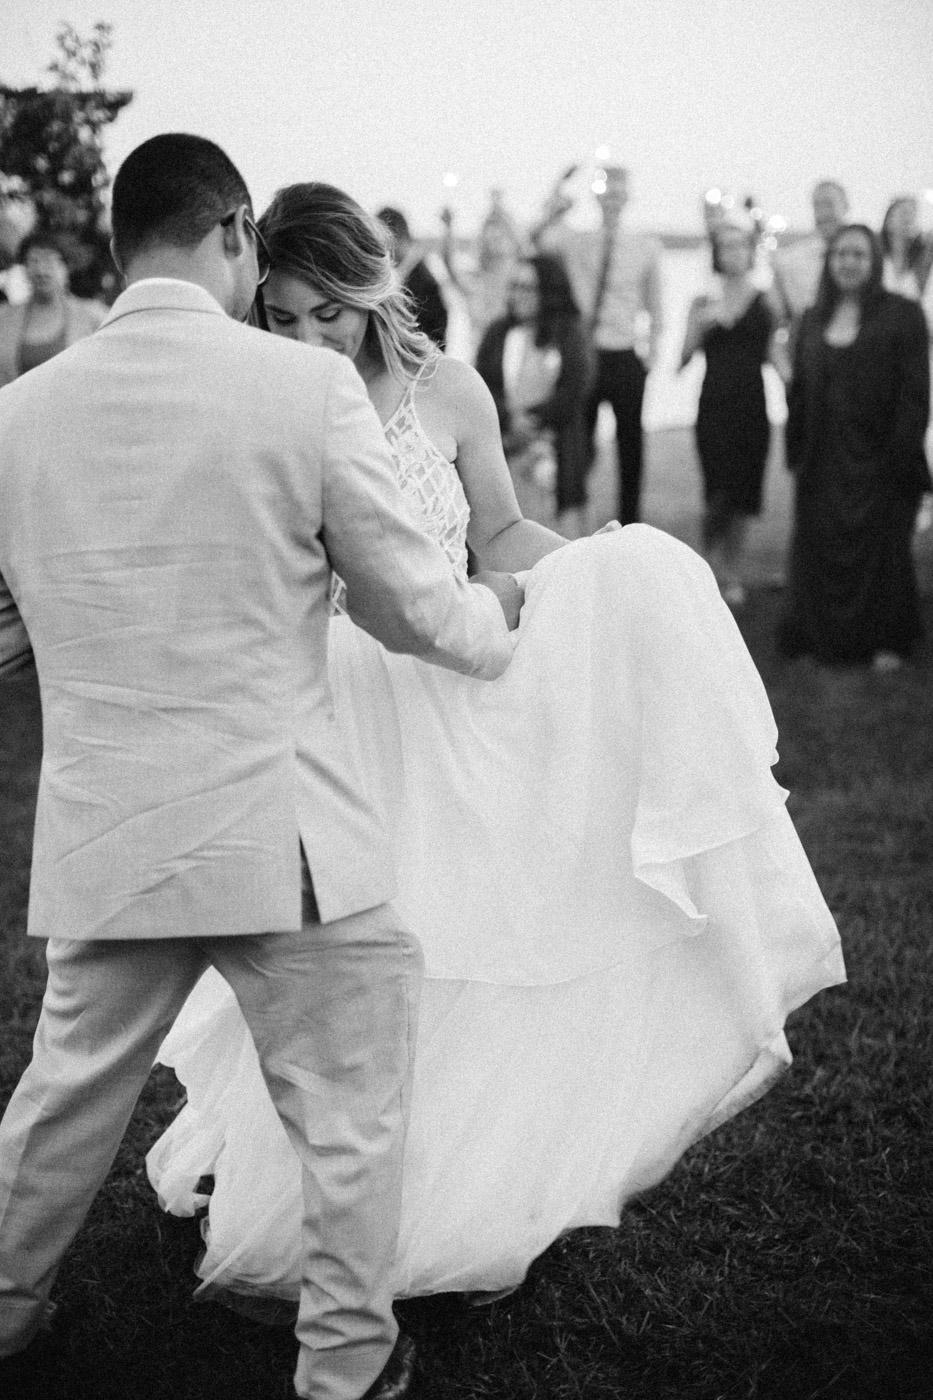 toronto_wedding_photographer_backyard_wedding-46.jpg